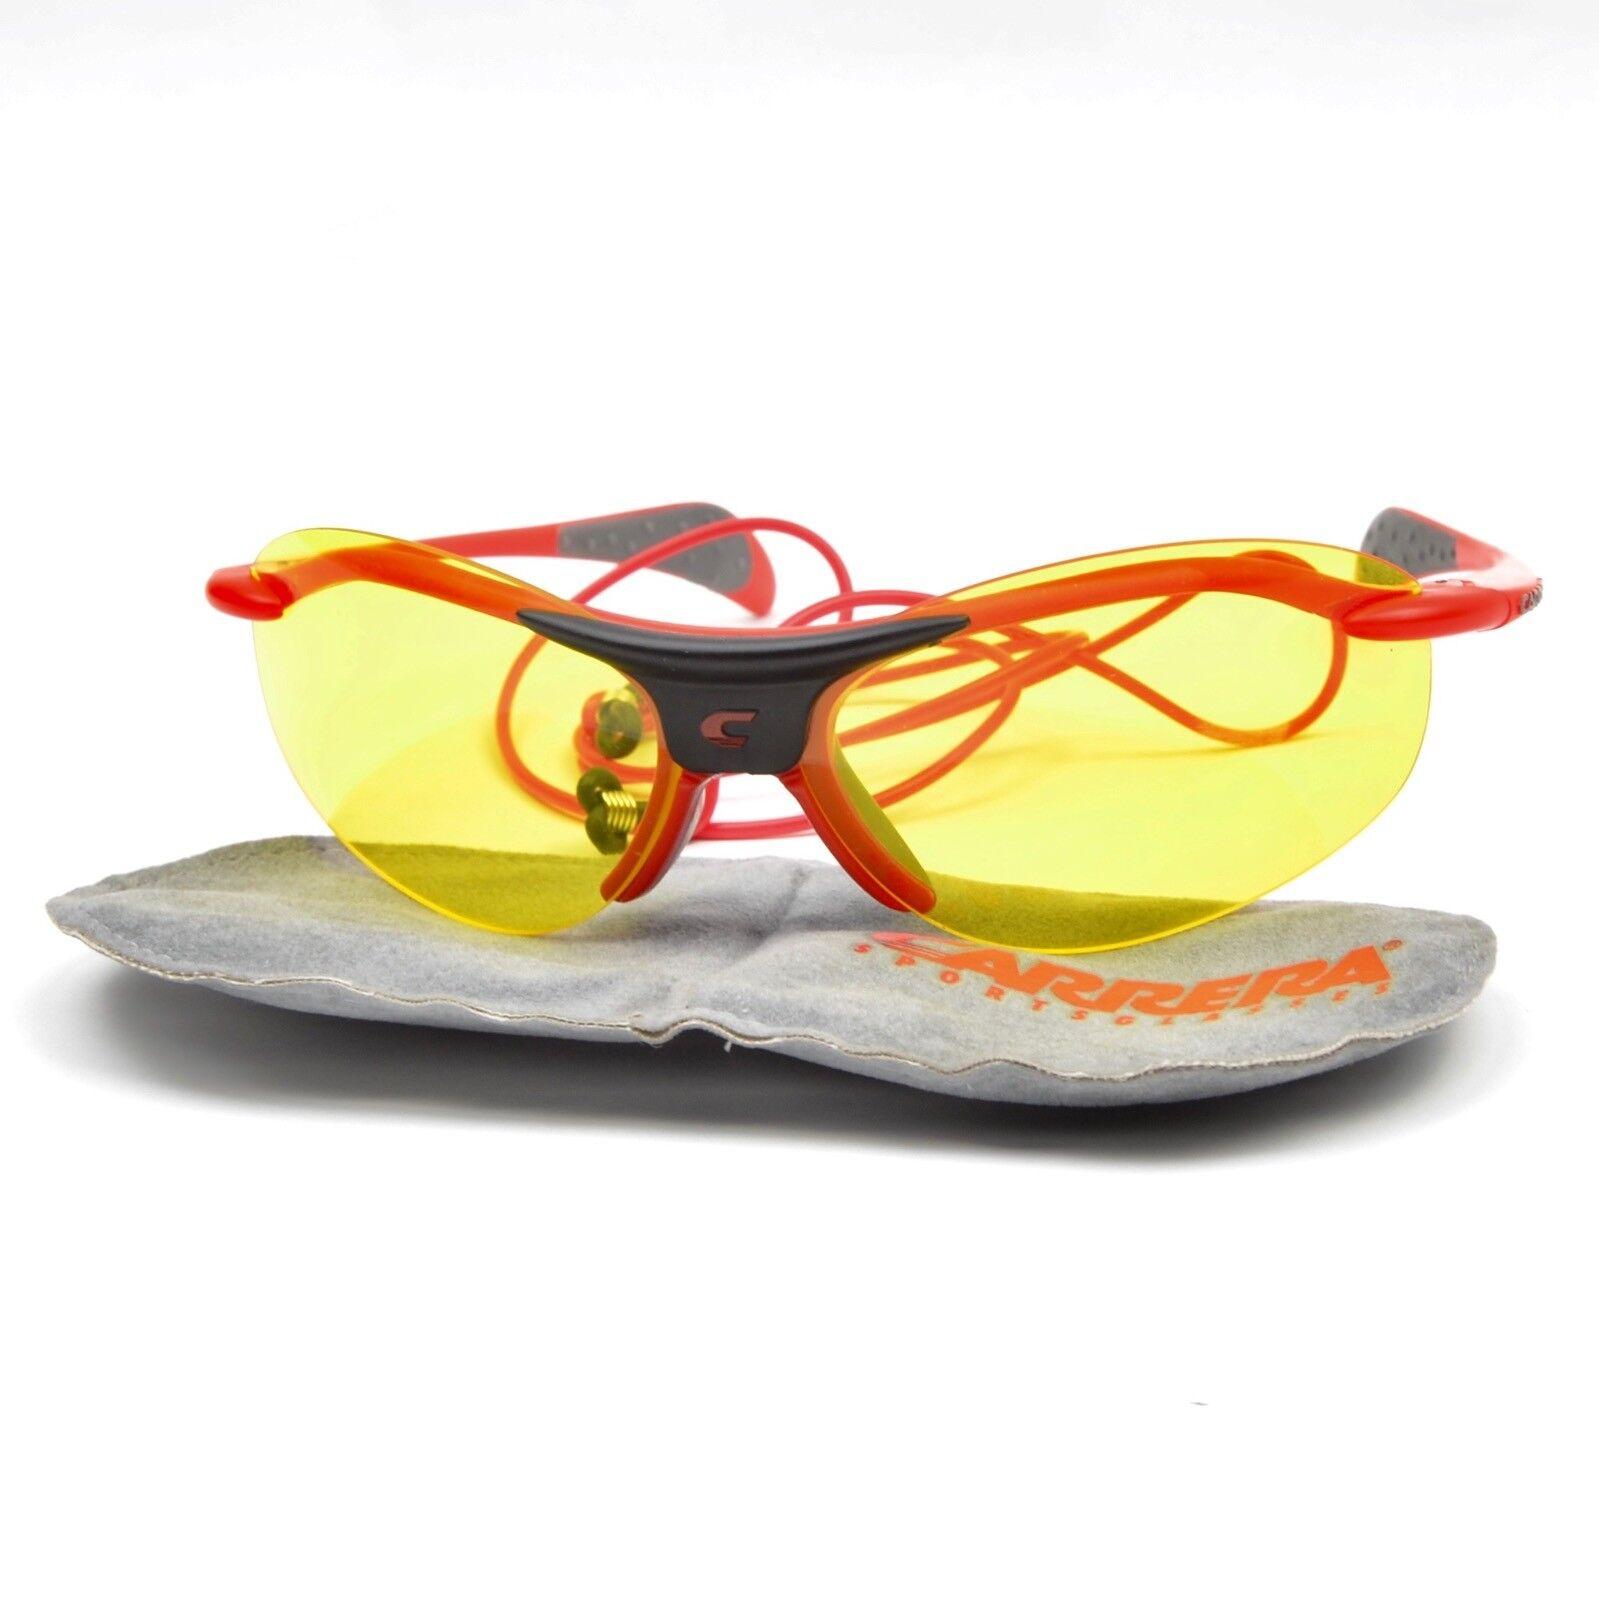 RetroCocherera 4871 de la bres gafas de deporte descomposición bicicleta roja fachada austríaca